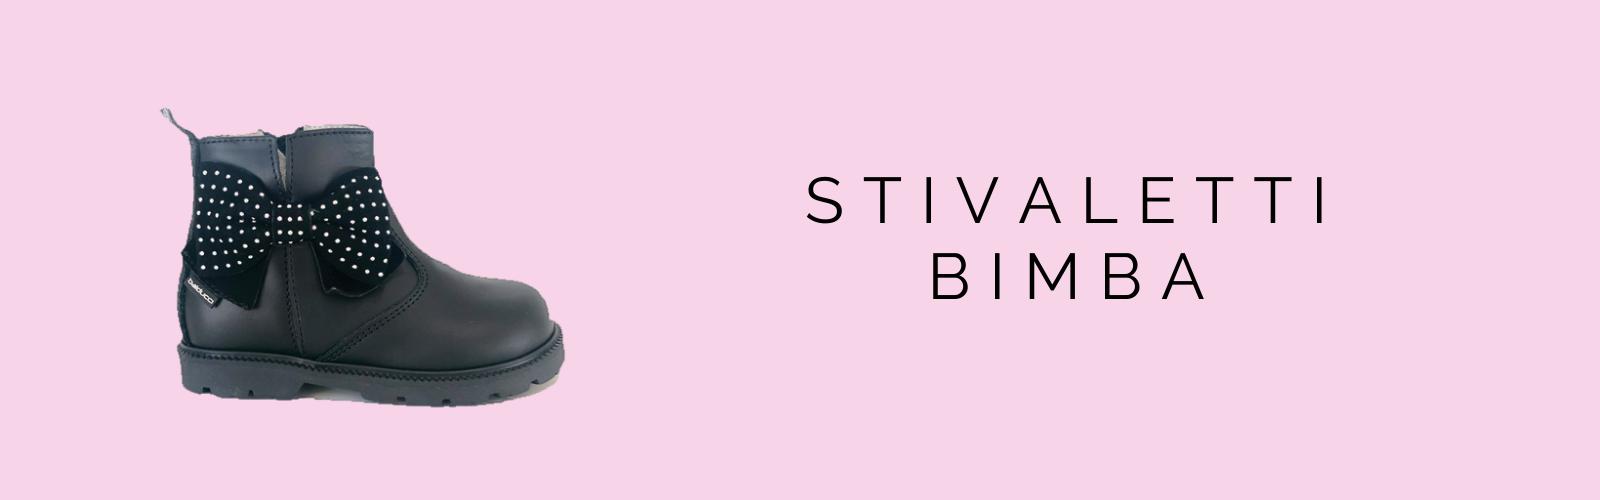 bimba_stivale